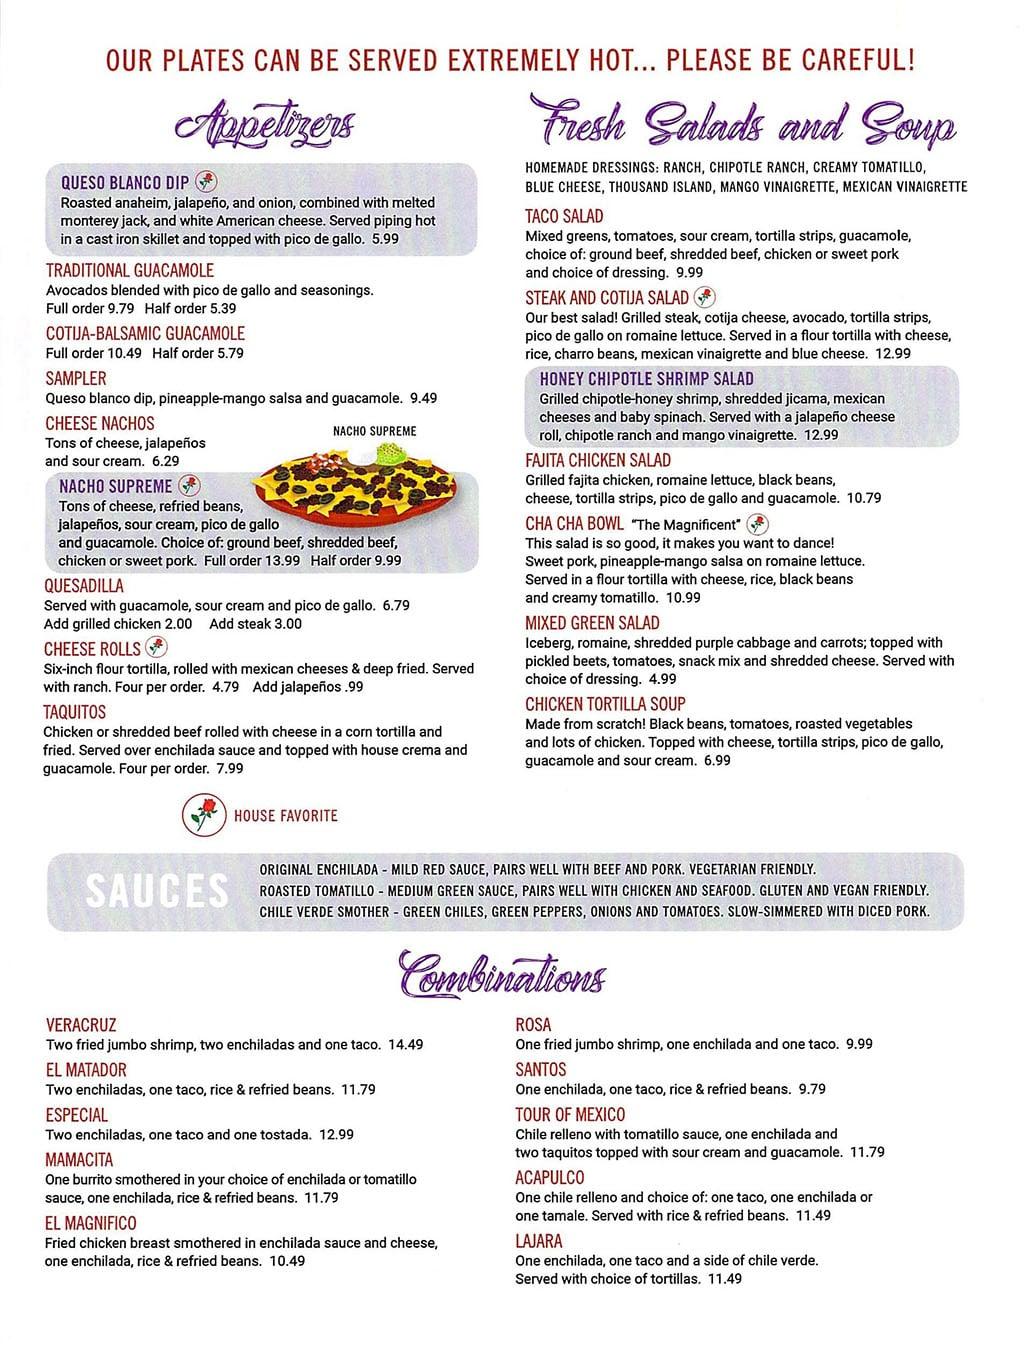 El Matador menu - appetizers, soups, salads, combinations